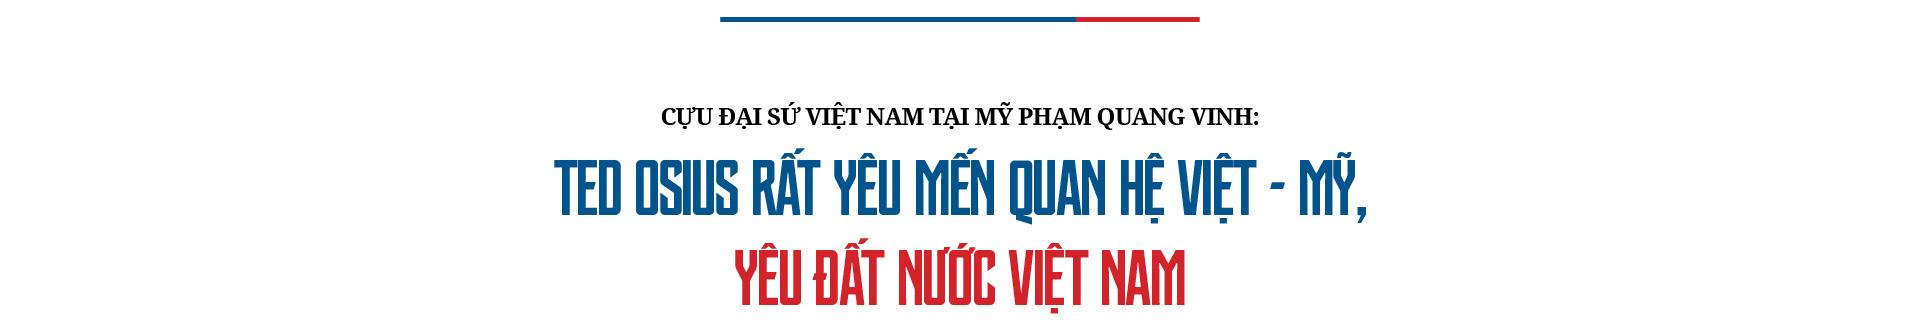 Cựu Đại sứ Mỹ tại Việt Nam Ted Osius: Hòa giải Việt Mỹ - Không gì là không thể - Ảnh 17.